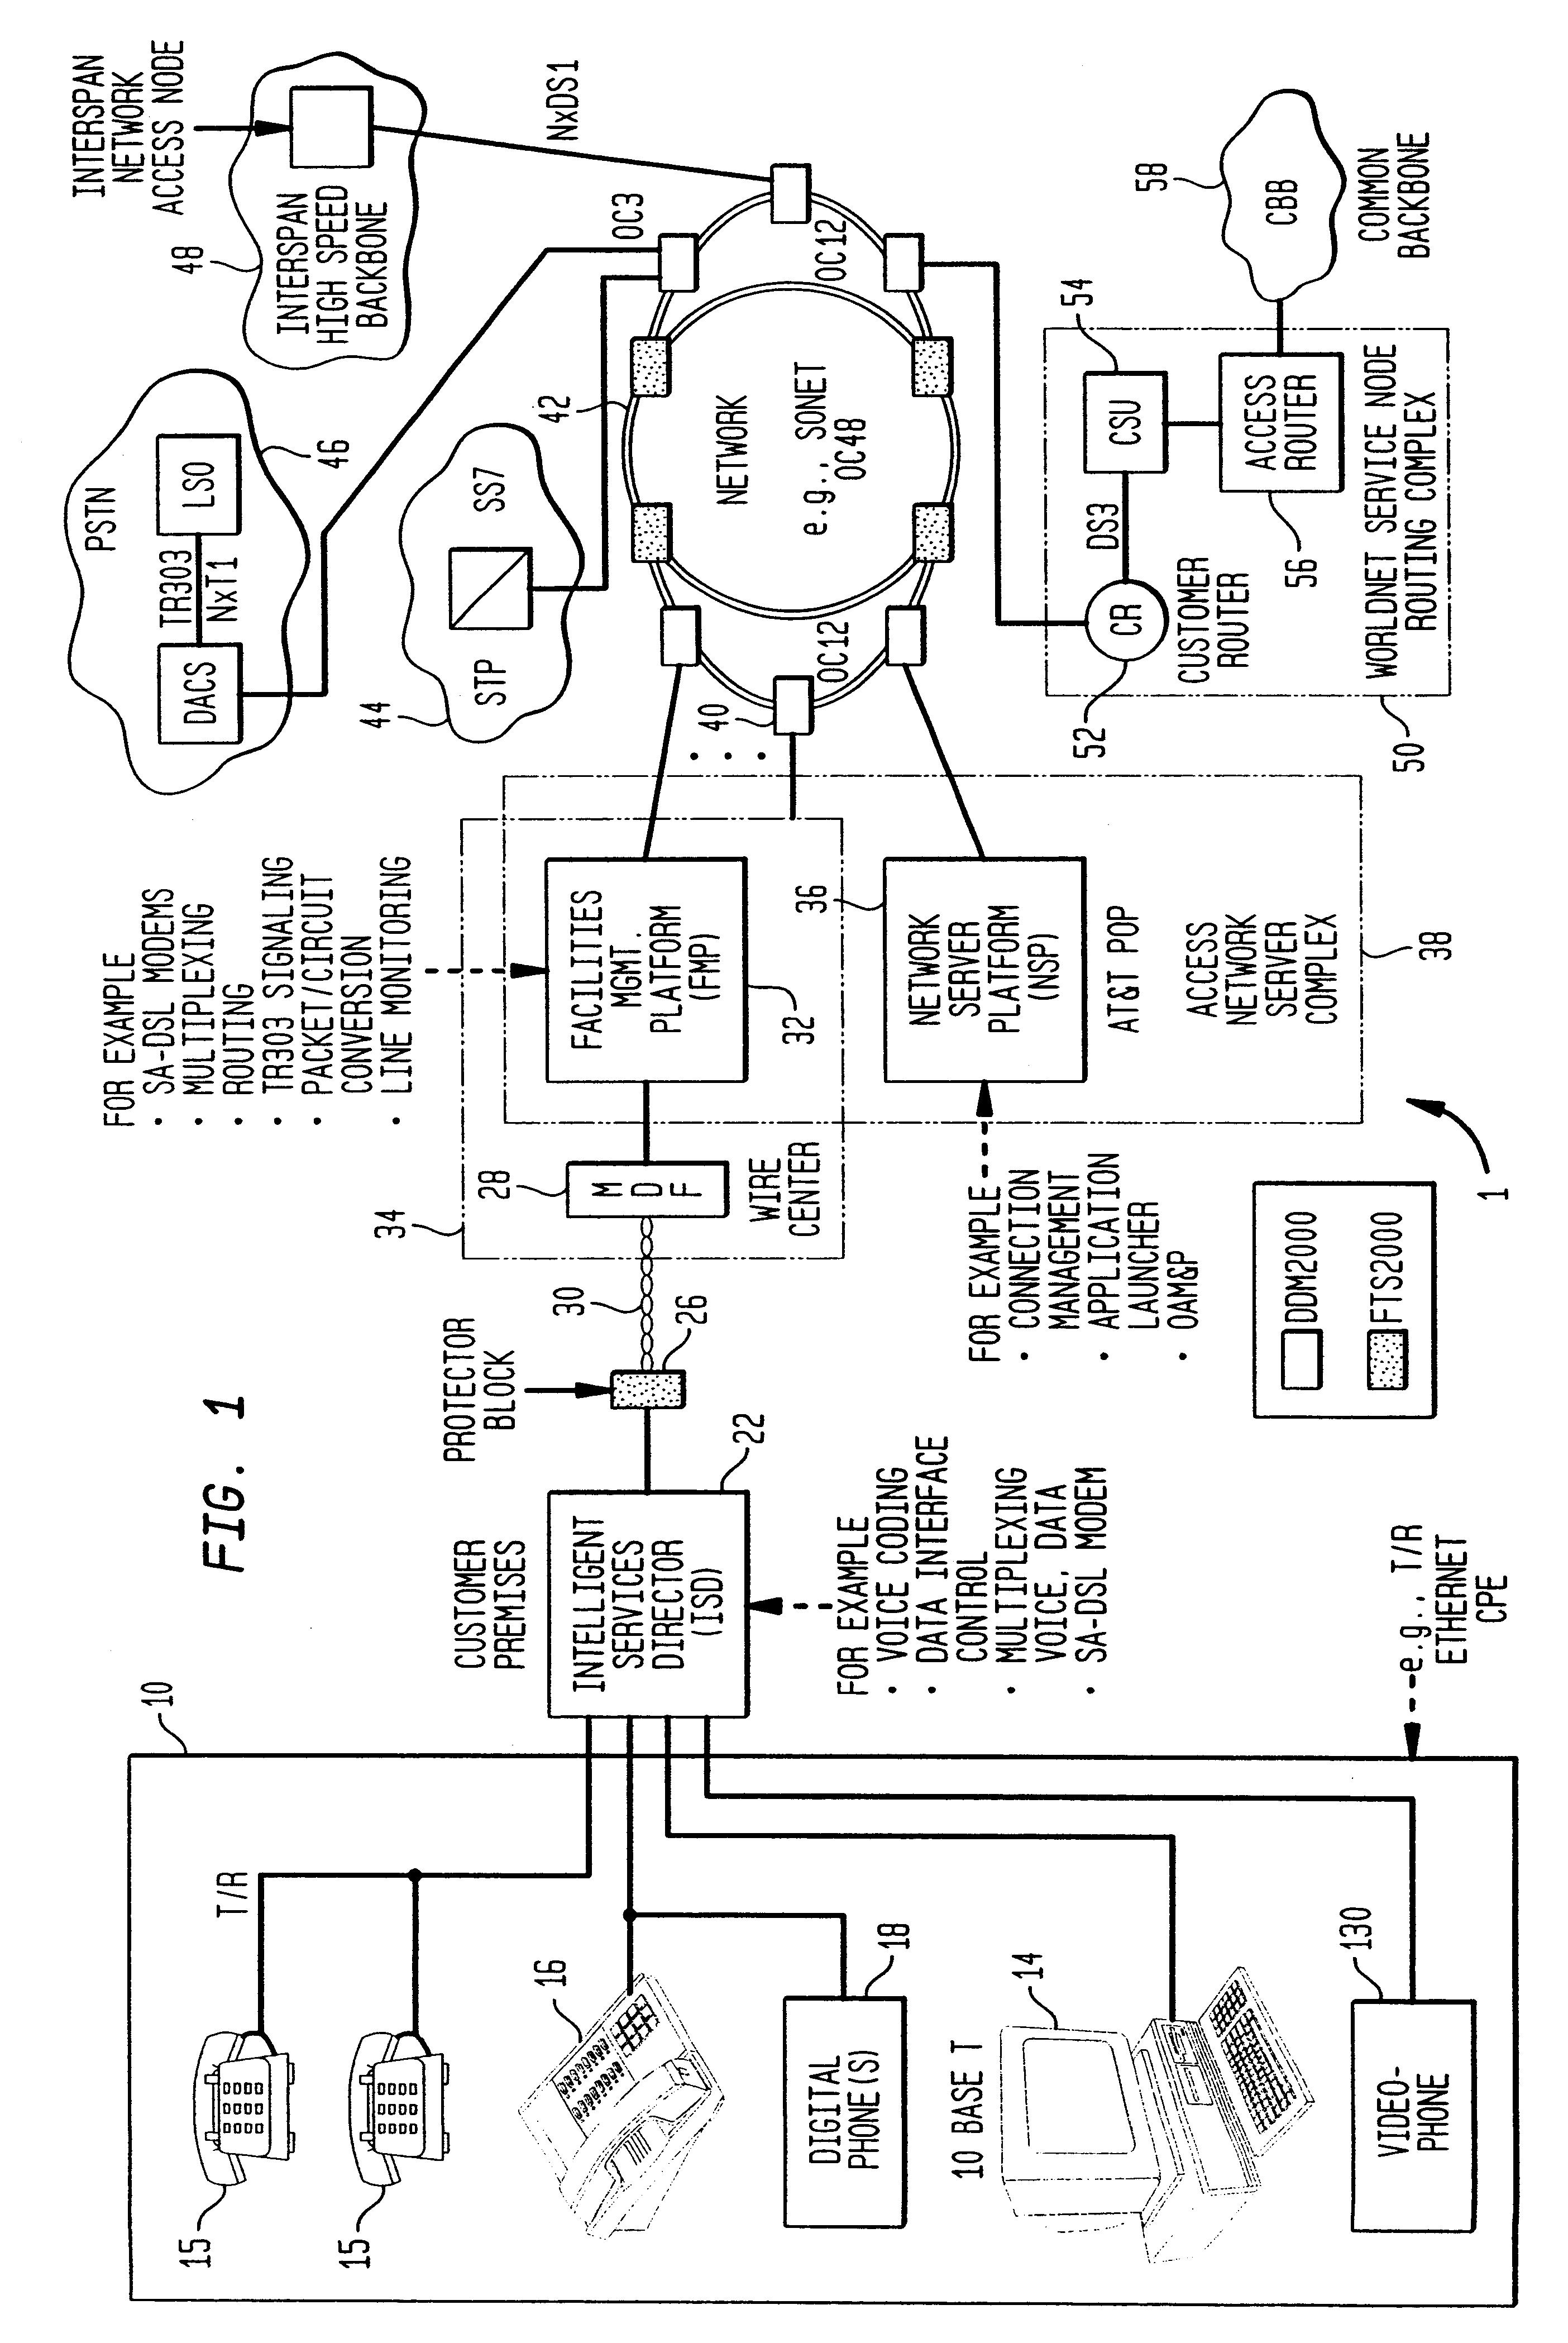 patent us6359881